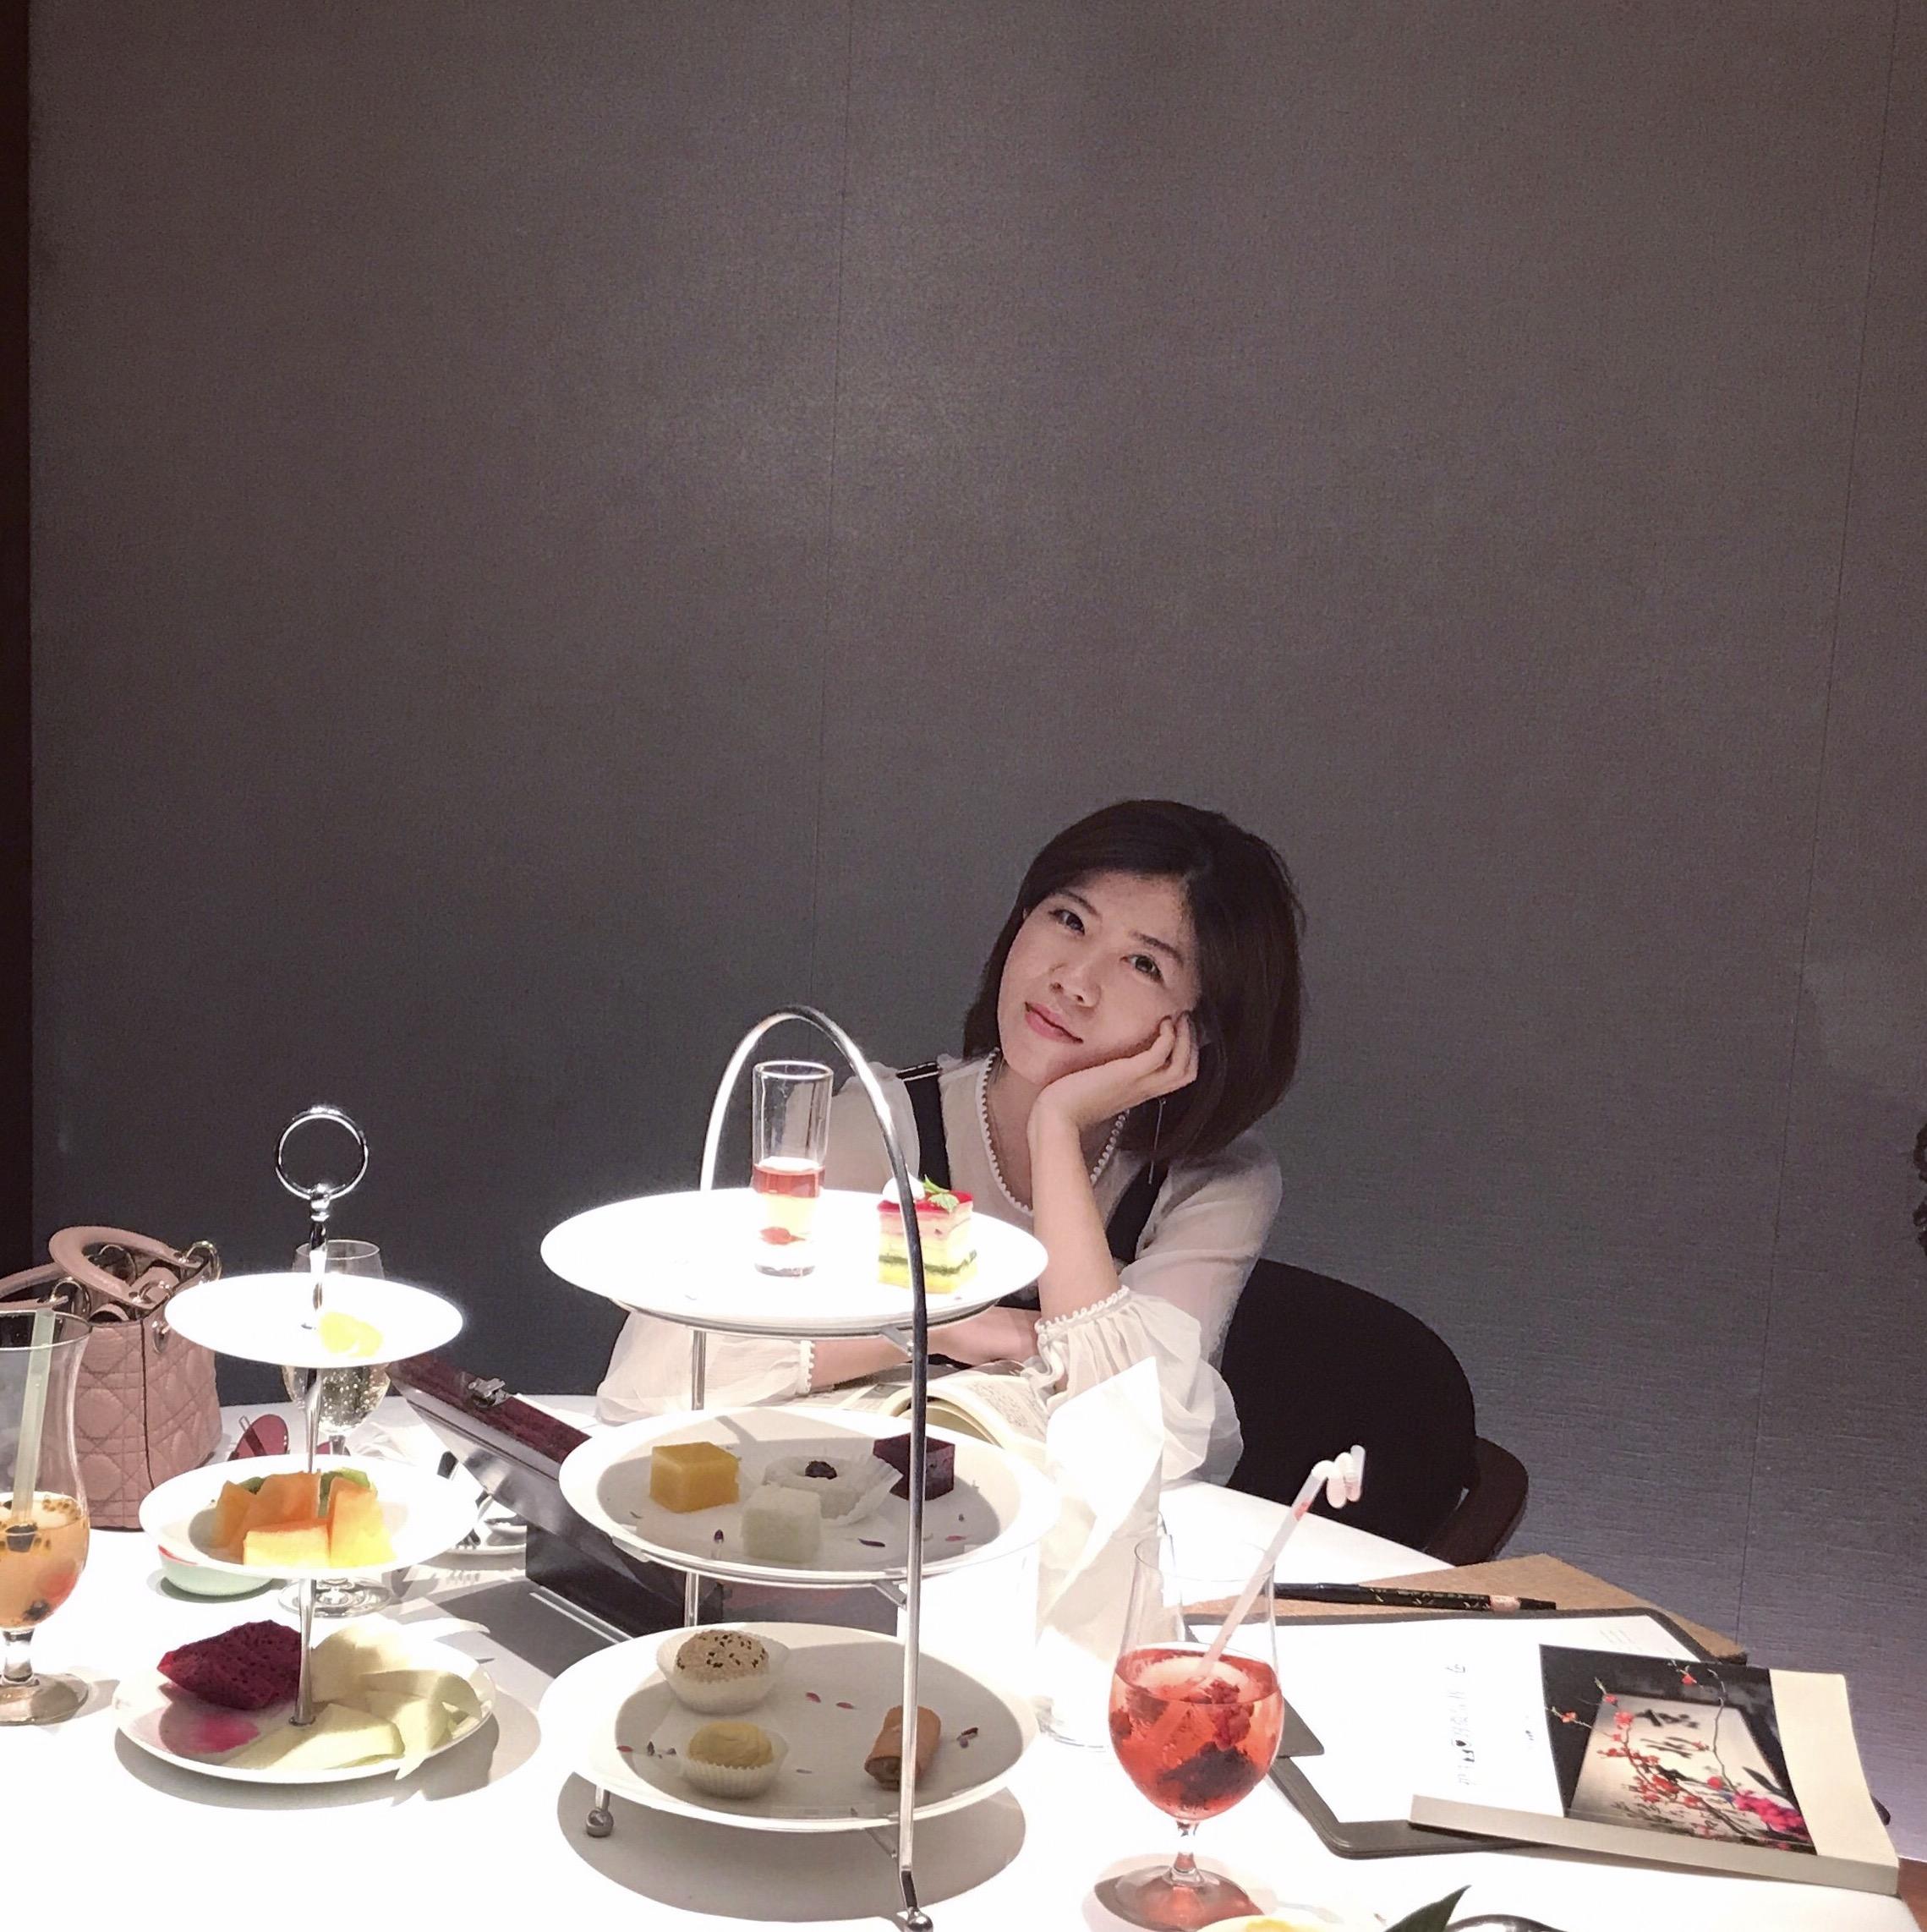 Michelle 悉尼 北京 摩羯座 热爱旅行